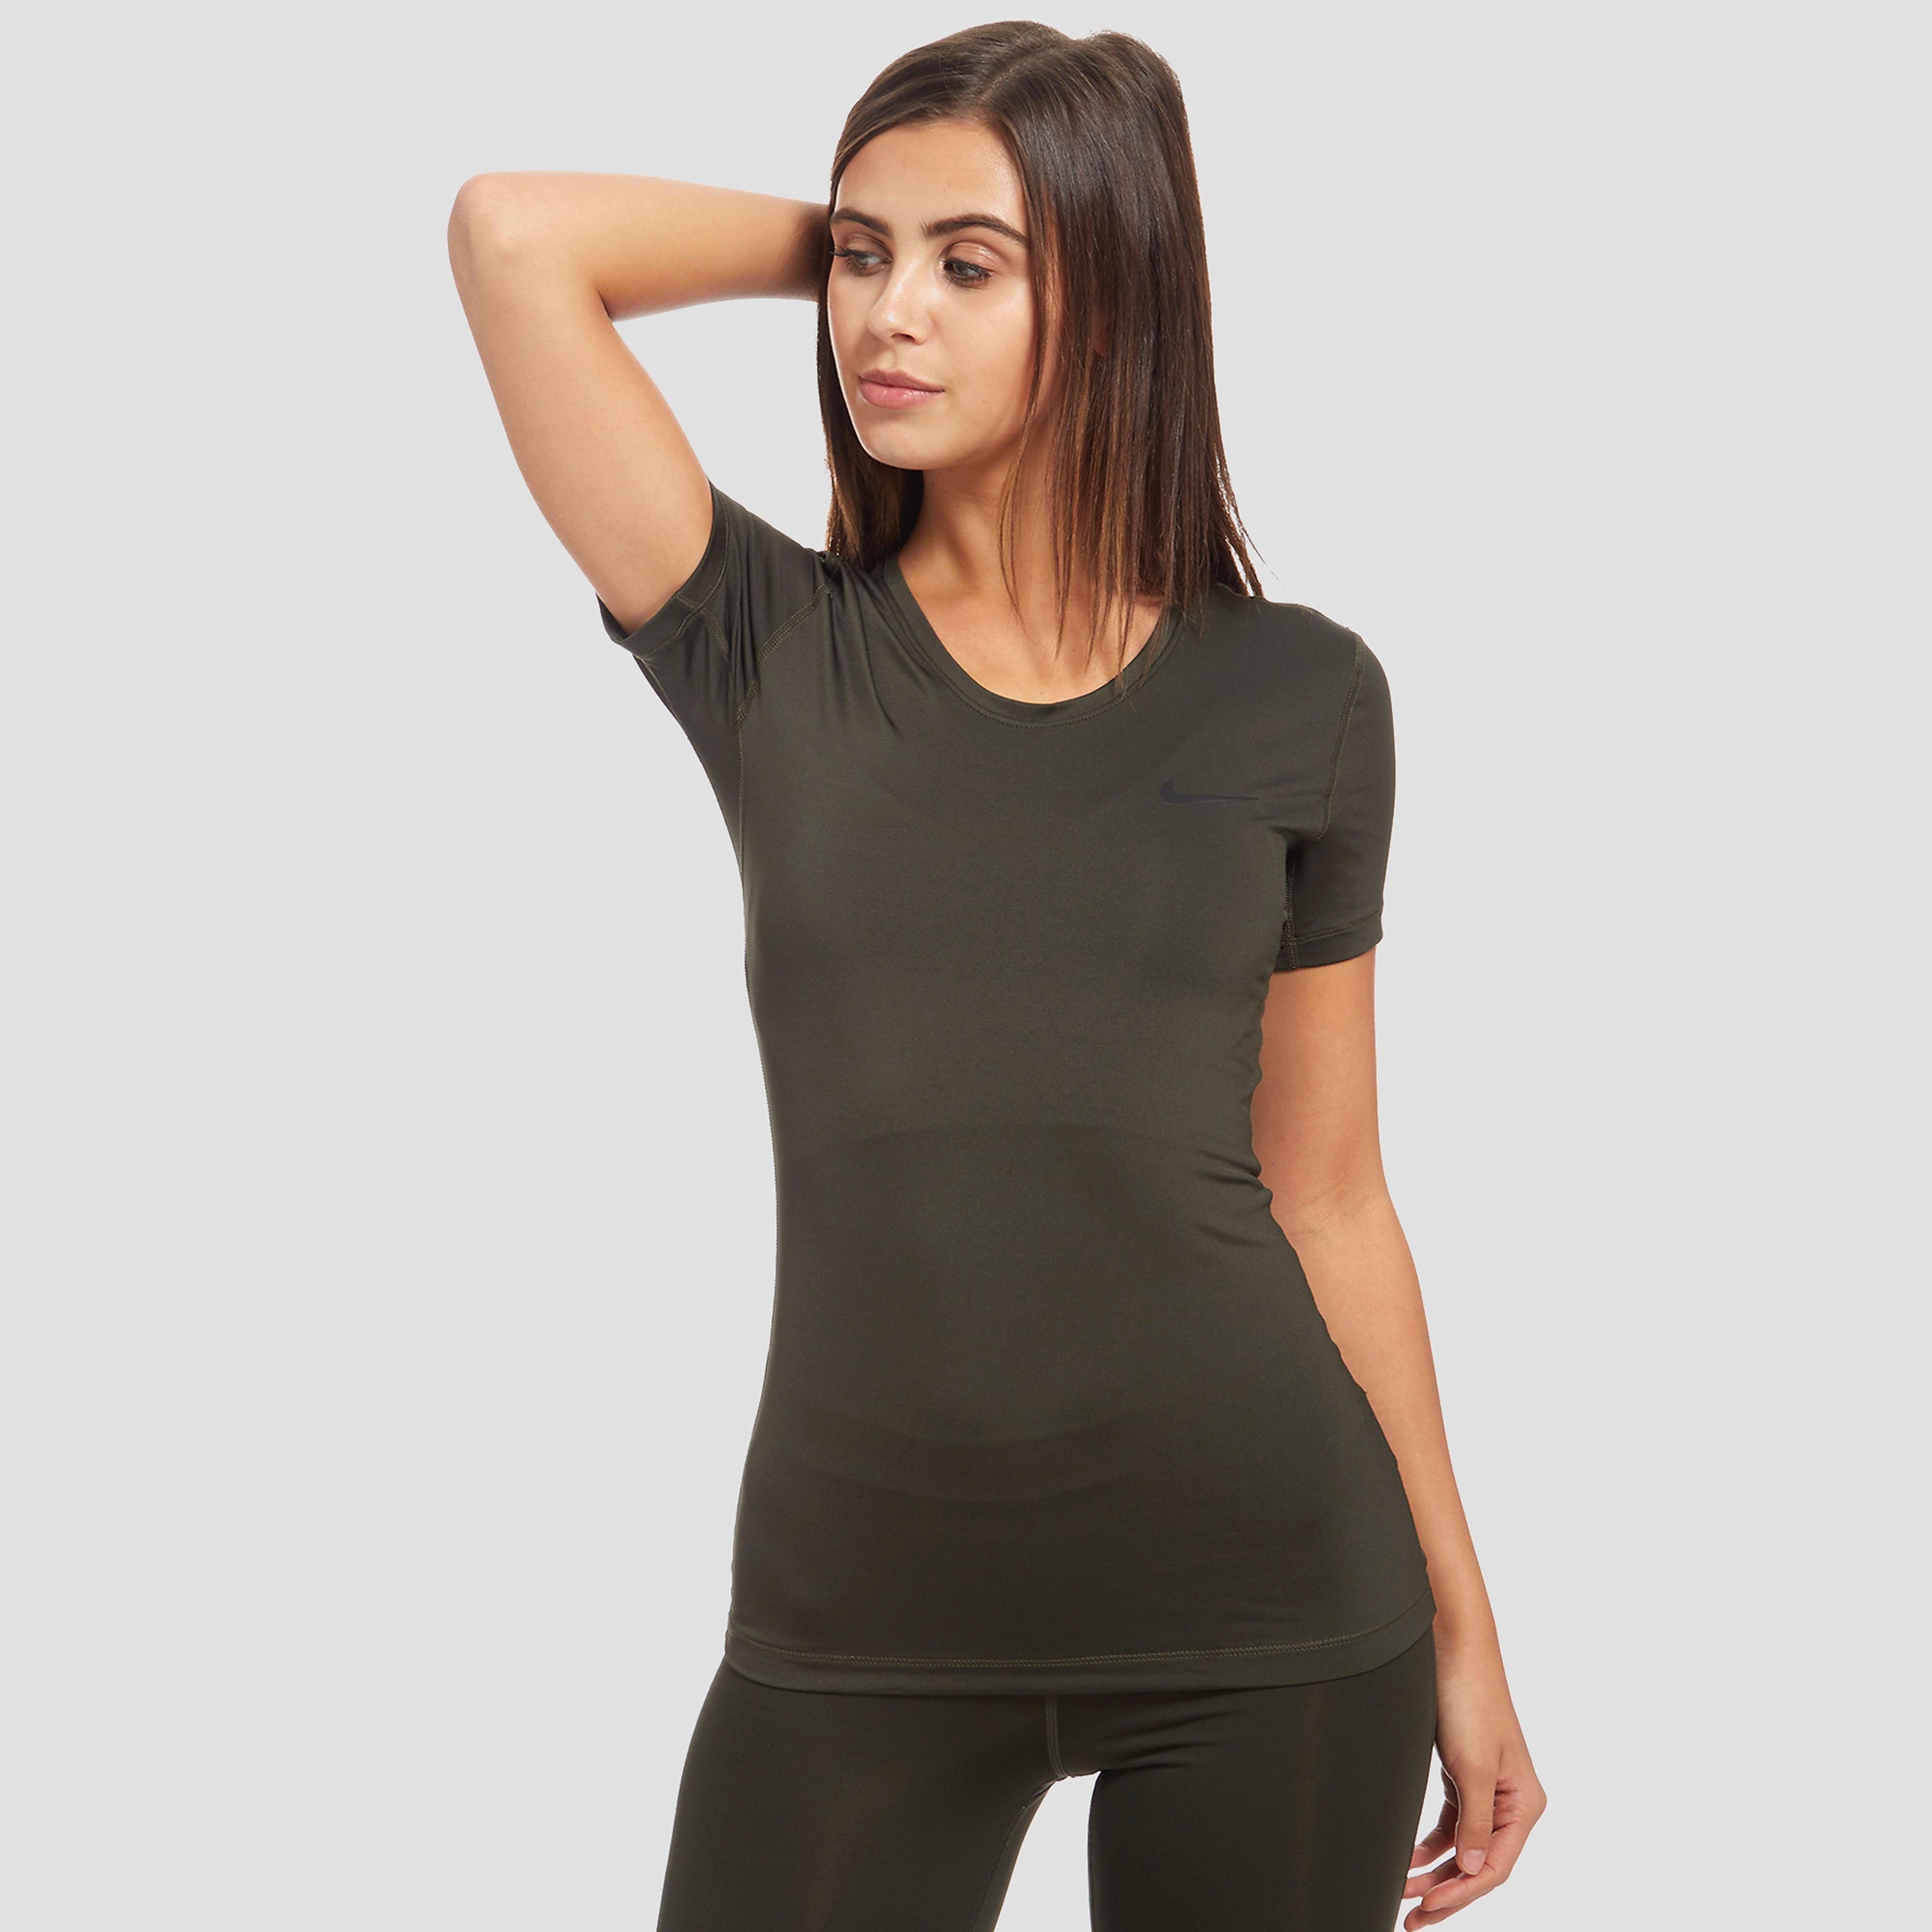 Nike Pro Short Sleeve T-Shirt